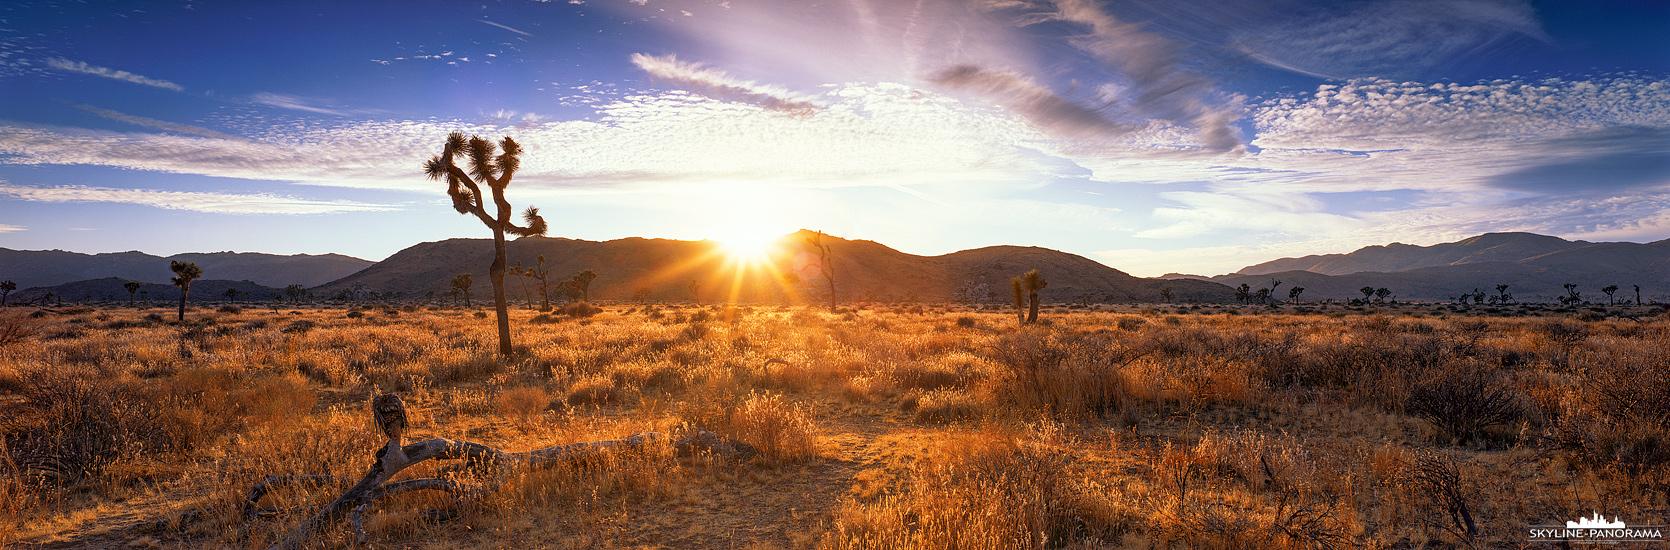 Sunset Panorama - Die Landschaft im Joshua Tree Nationalpark (Kalifornien) wird in diesem 6x17 Panorama in das warme Licht der untergehenden Sonne getaucht.